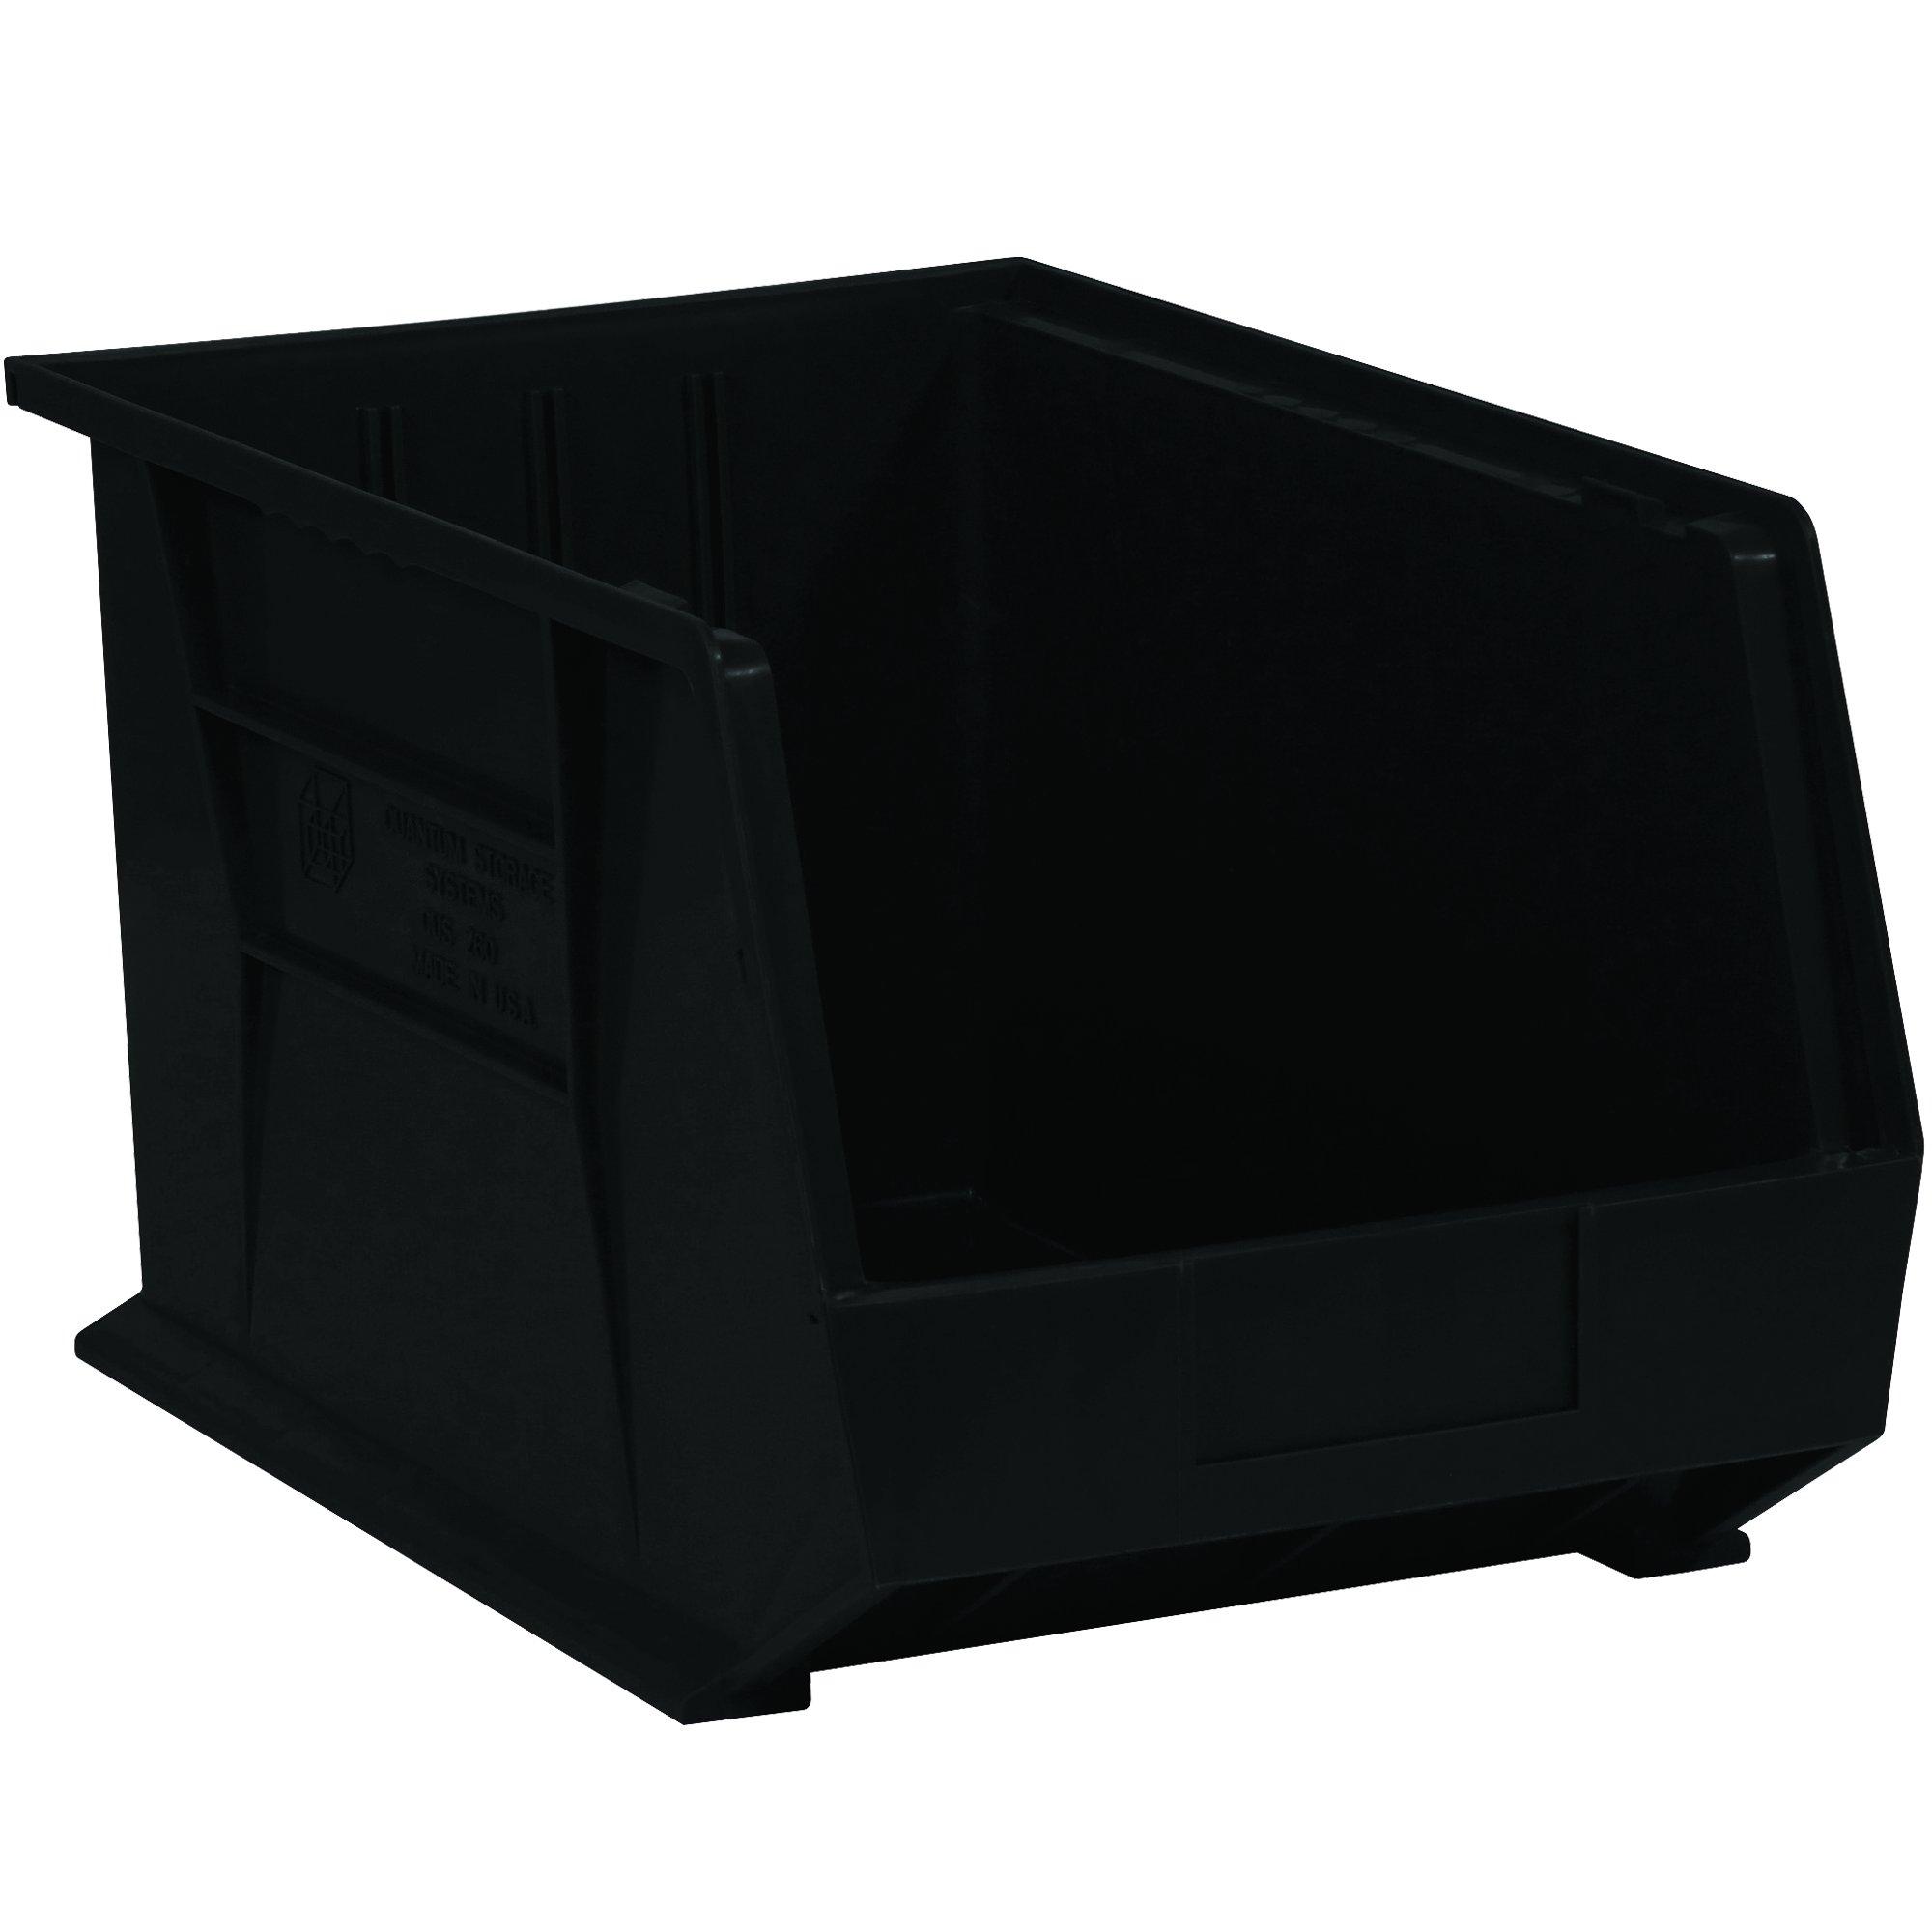 Aviditi BINP1611K Plastic Stack and Hang Bin Boxes, 16'' x 11'' x 8'', Black (Pack of 4)